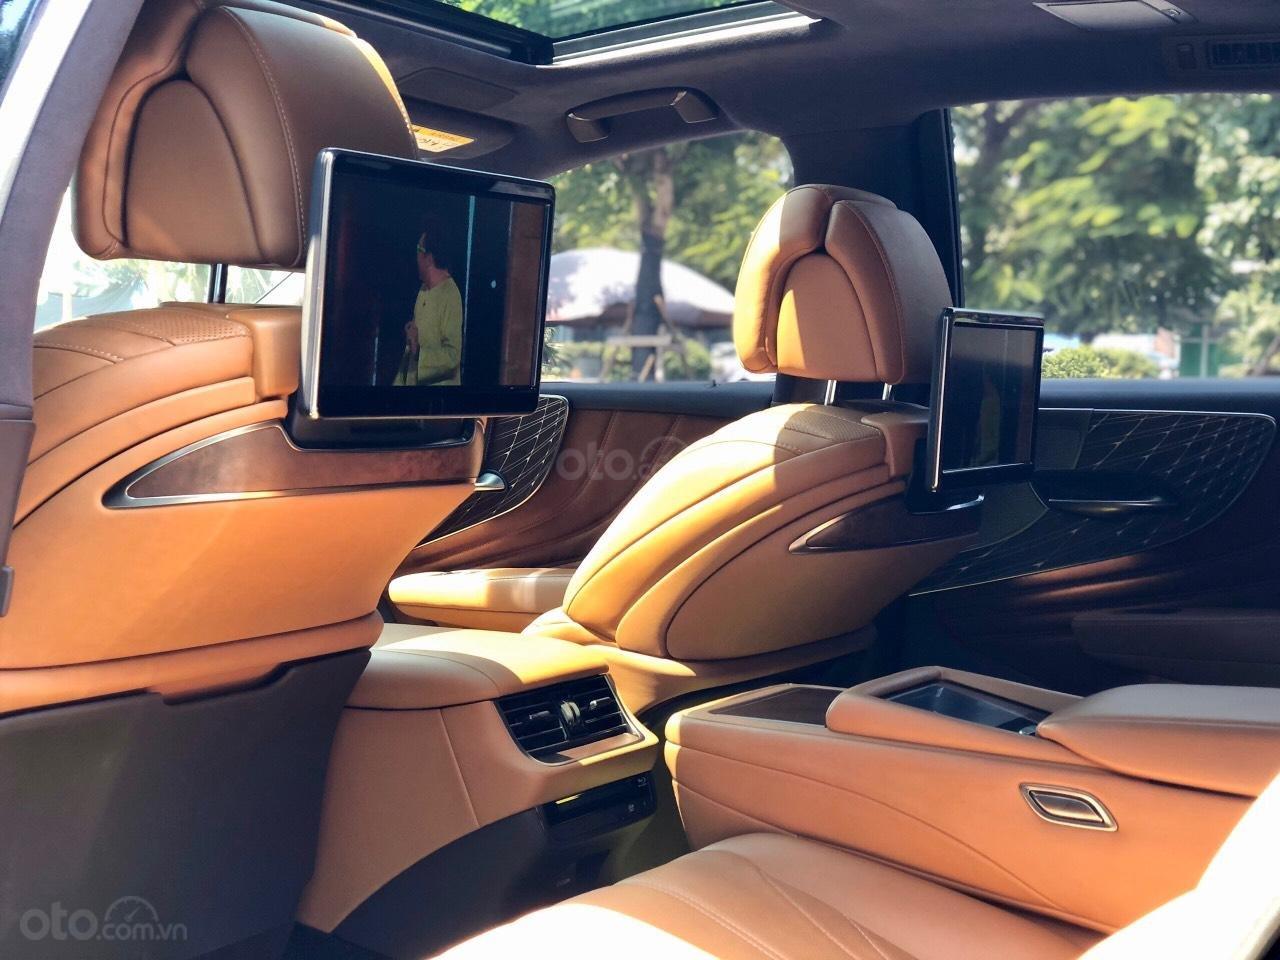 Bán xe Lexus LS 500H 2017, màu xanh lam, giá tốt giao ngay toàn quốc, LH Ngọc Vy 093.996.2368 (18)